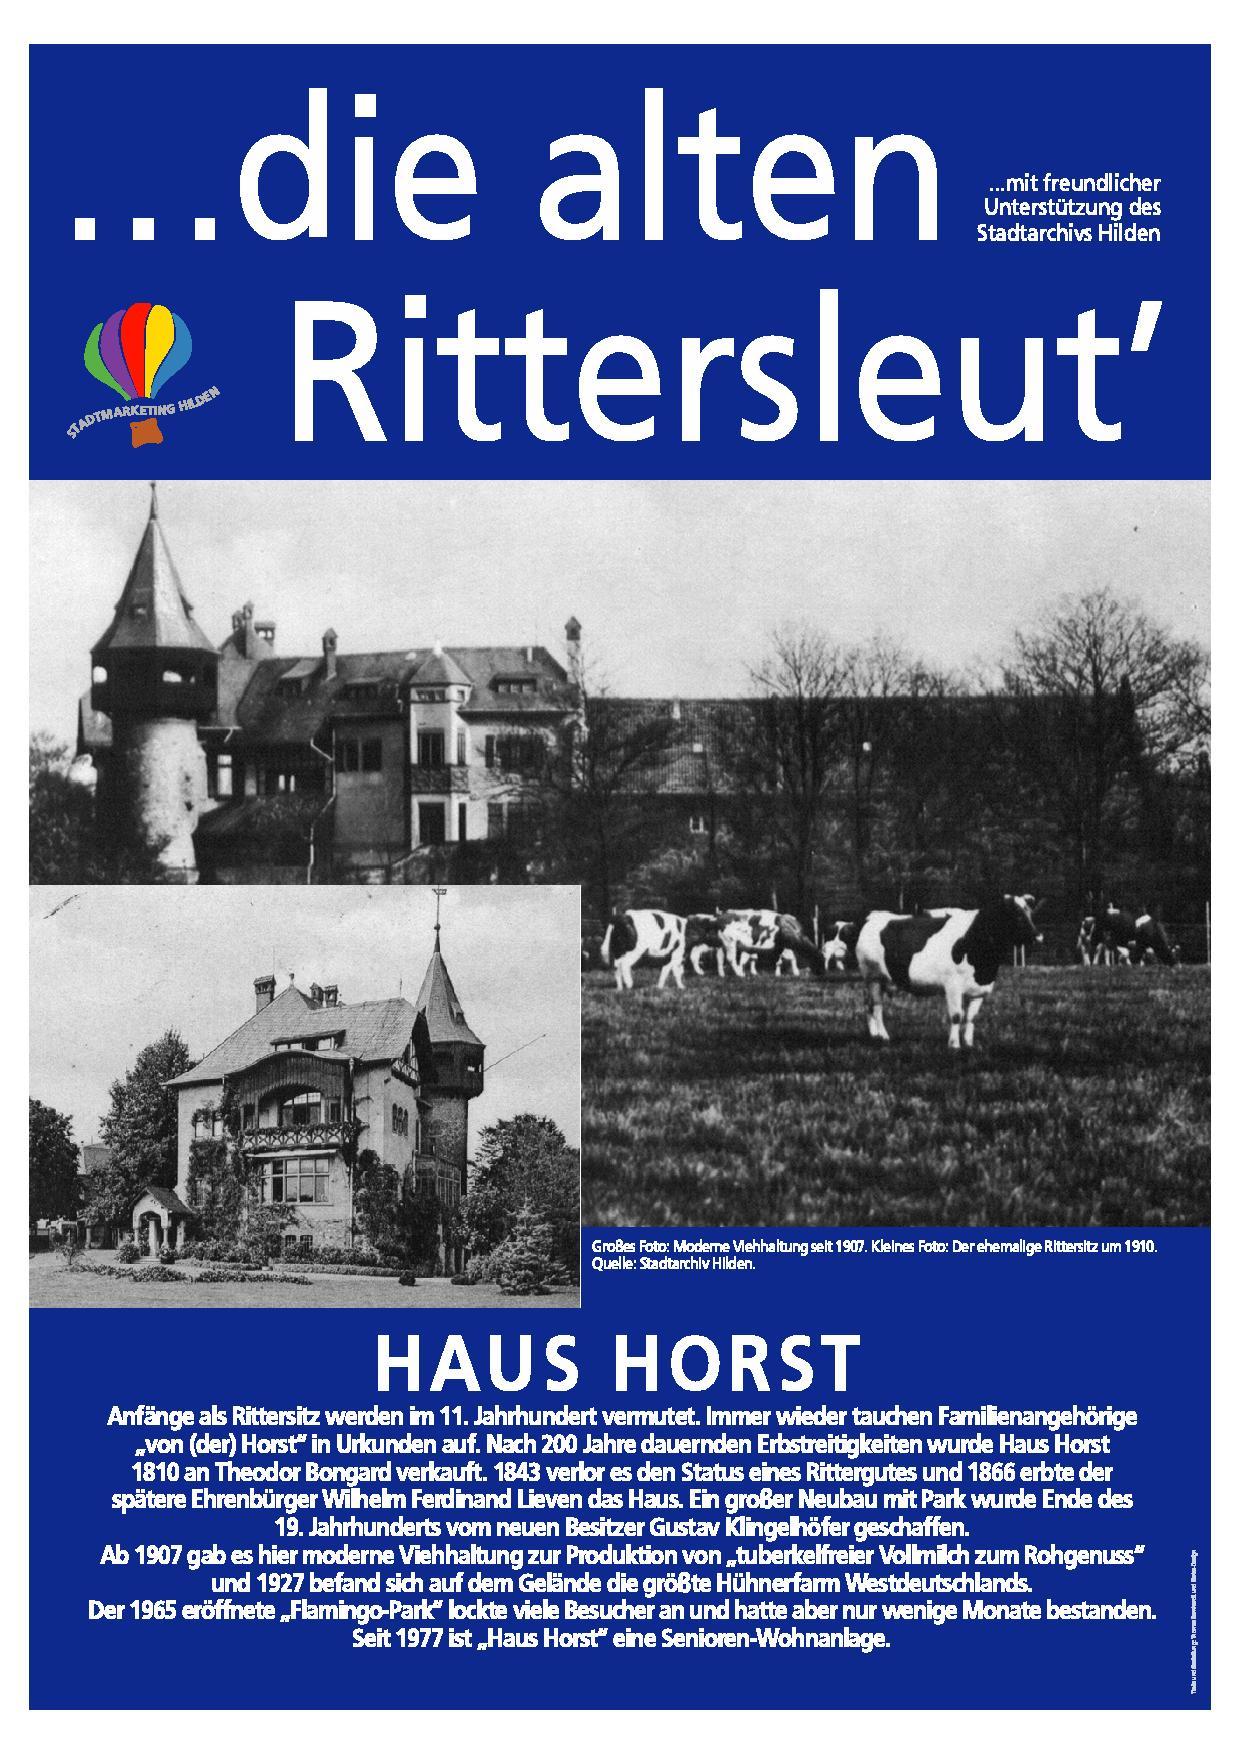 Hildener Geschichte – Stadtmarketing Hilden